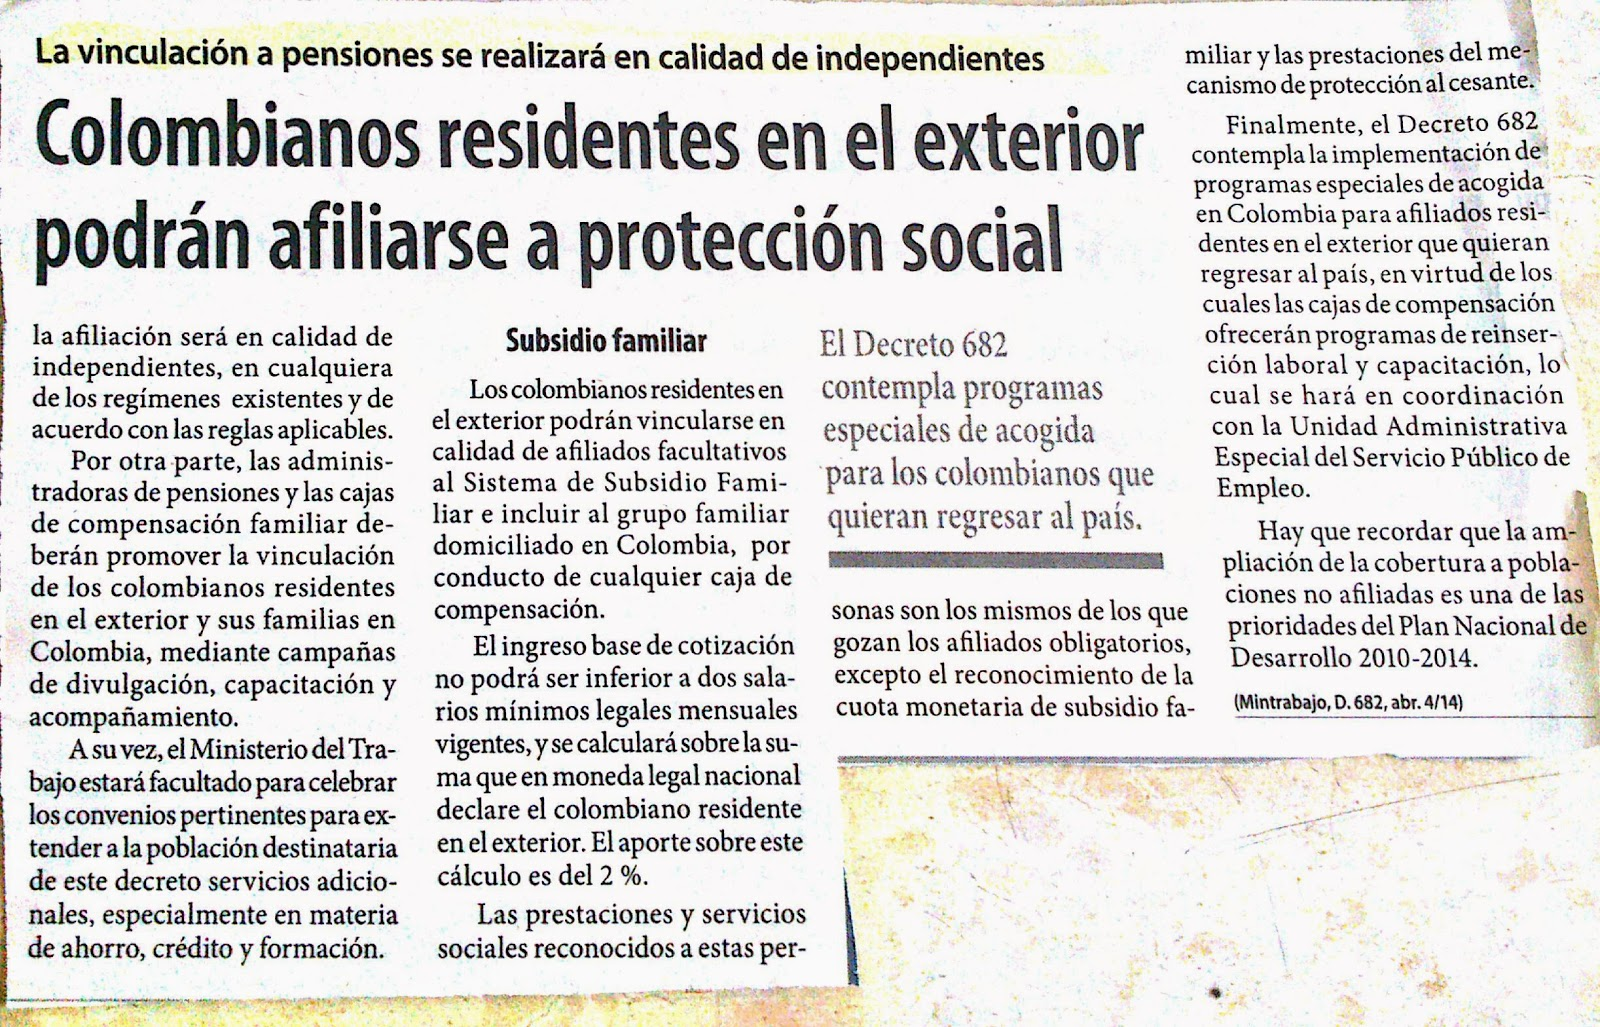 Prestamos A Colombianos Residentes En El Exterior Diez Tesis Sobre Microcreditos